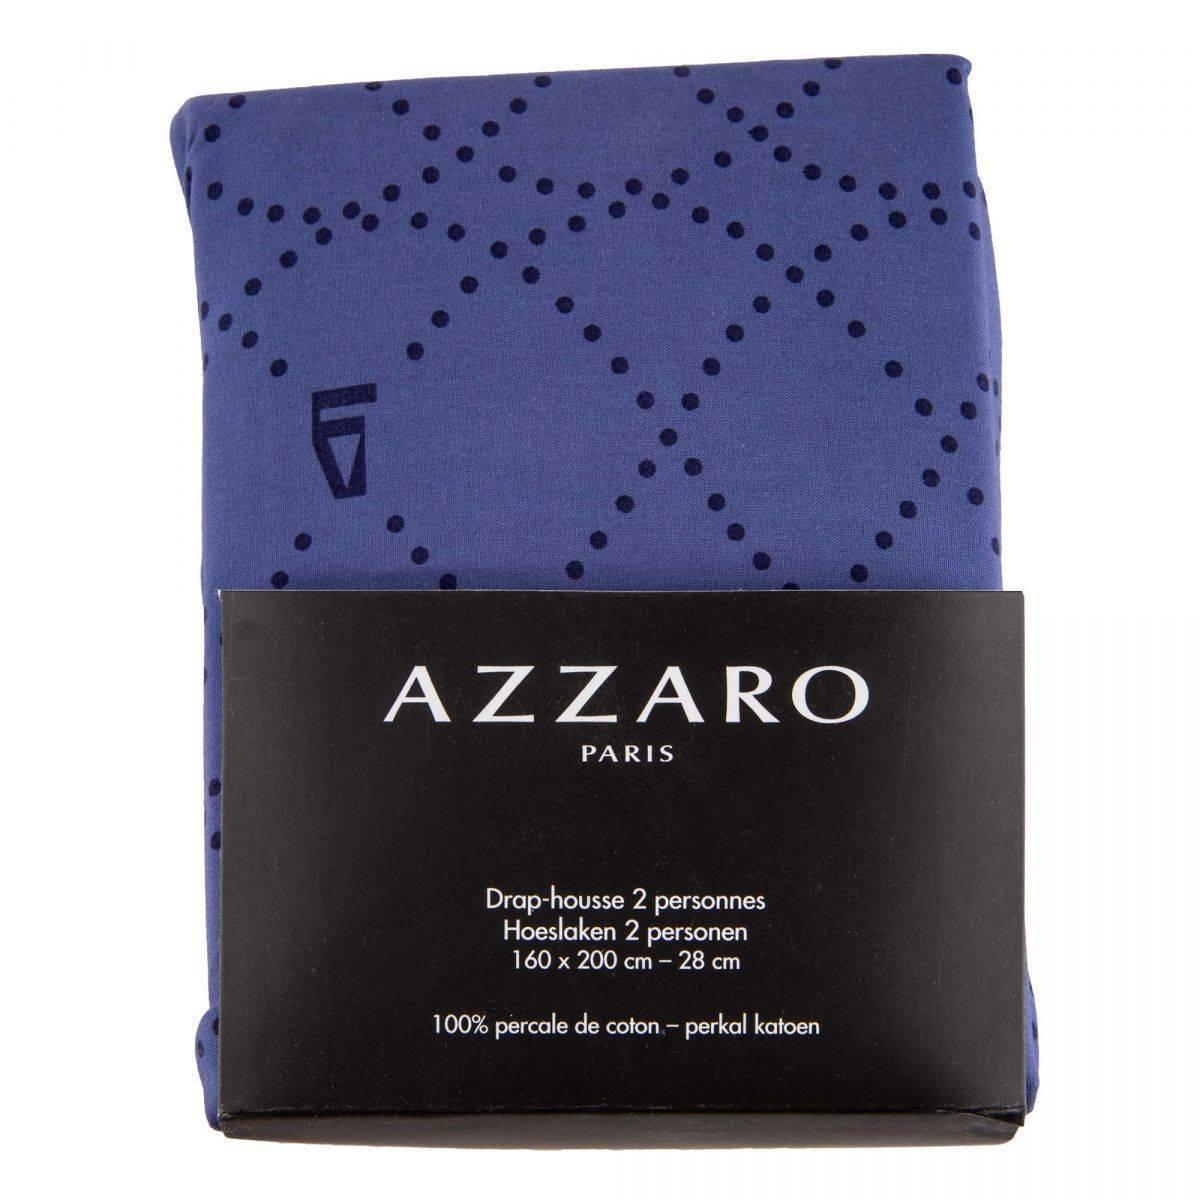 Azzaro Drap Housse 2 personnes 100% coton